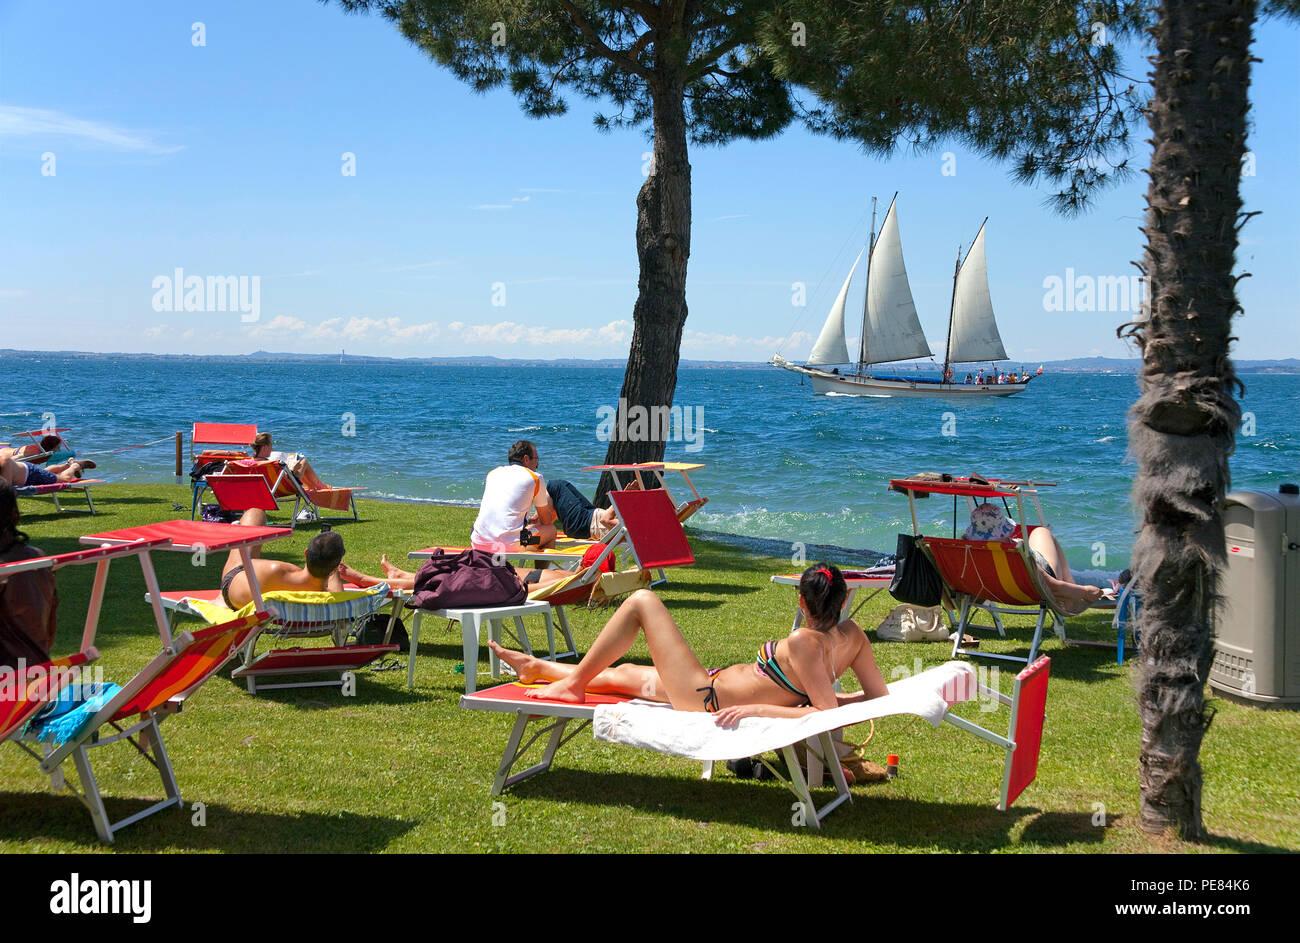 Tourists at the shore of a hotel, Bardolino, province Verona, Garda lake, Lombardy, Italy Stock Photo